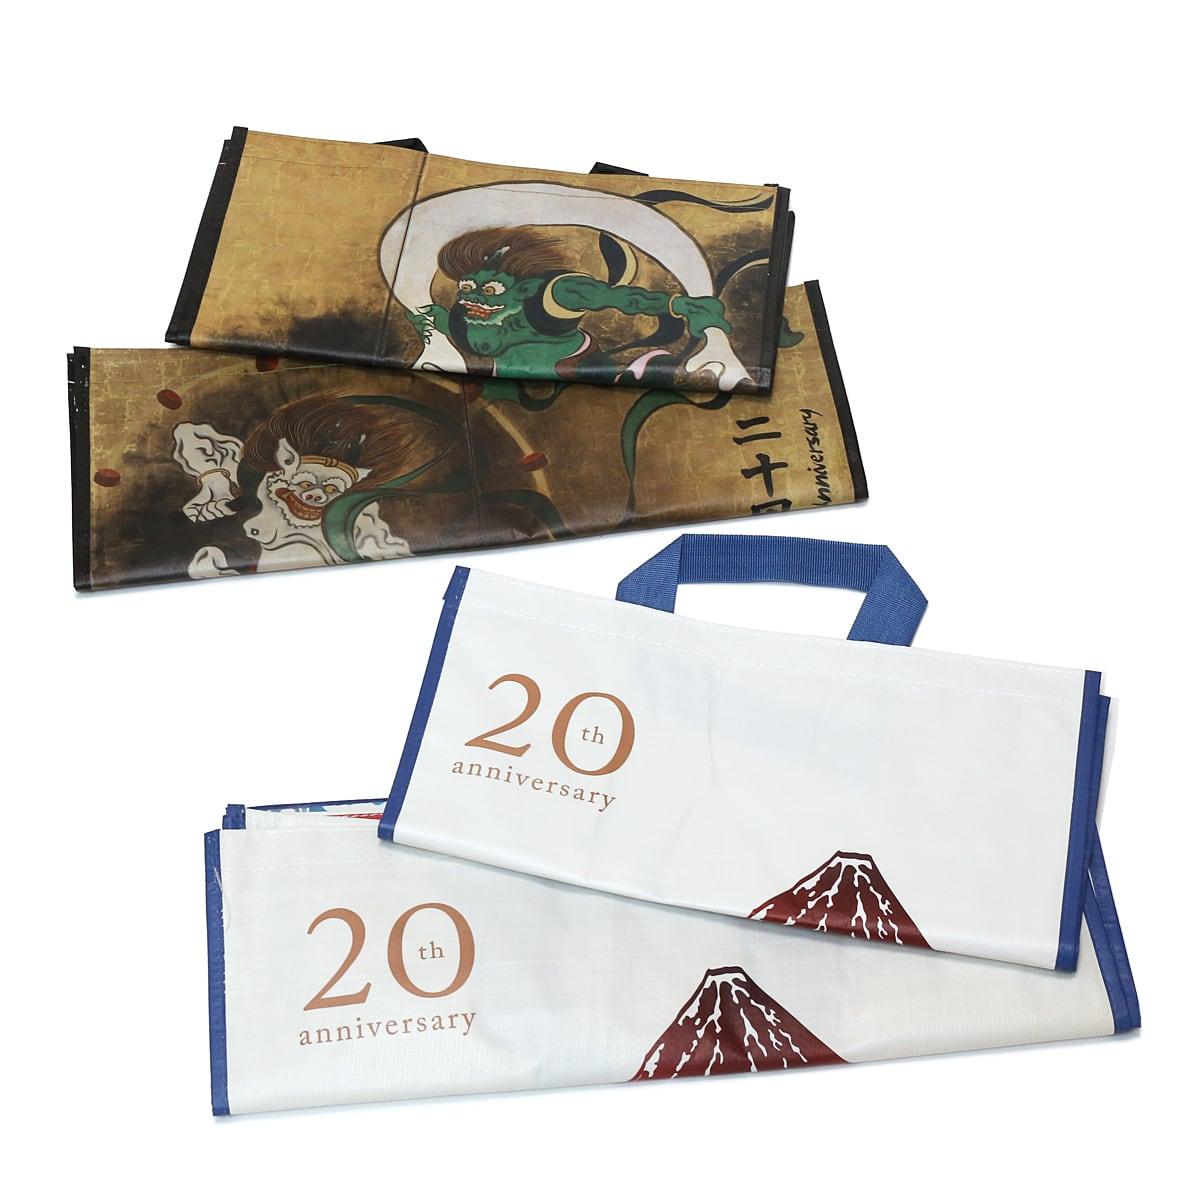 コストコ20周年記念オリジナルエコバッグ(風神雷神・富士山モデル) 4つセット